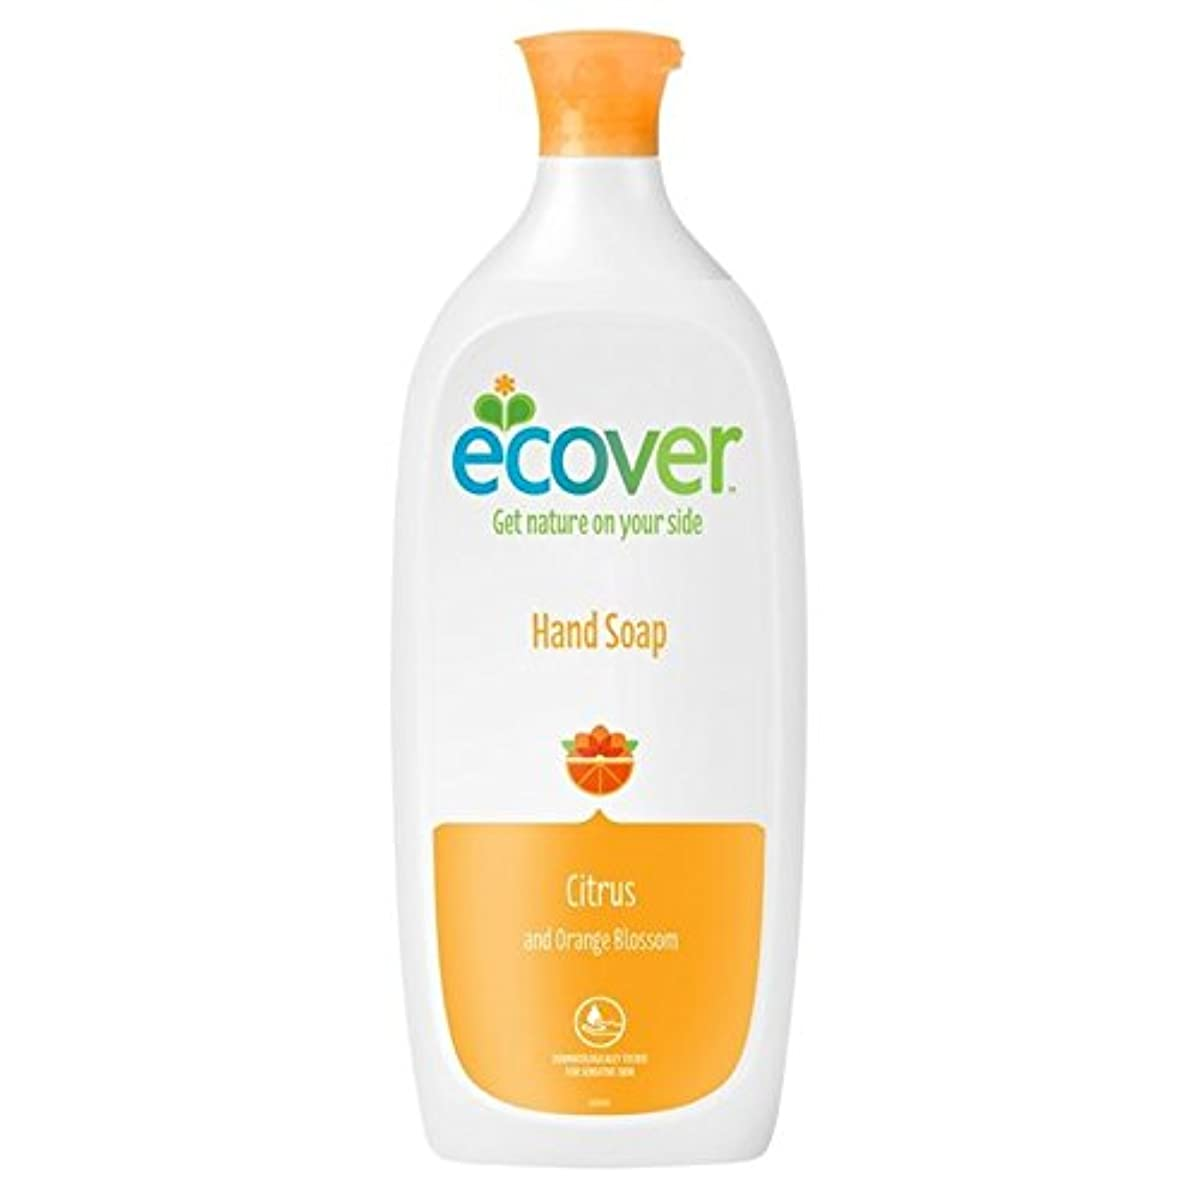 エコベール液体石鹸シトラス&オレンジの花のリフィル1リットル x4 - Ecover Liquid Soap Citrus & Orange Blossom Refill 1L (Pack of 4) [並行輸入品]